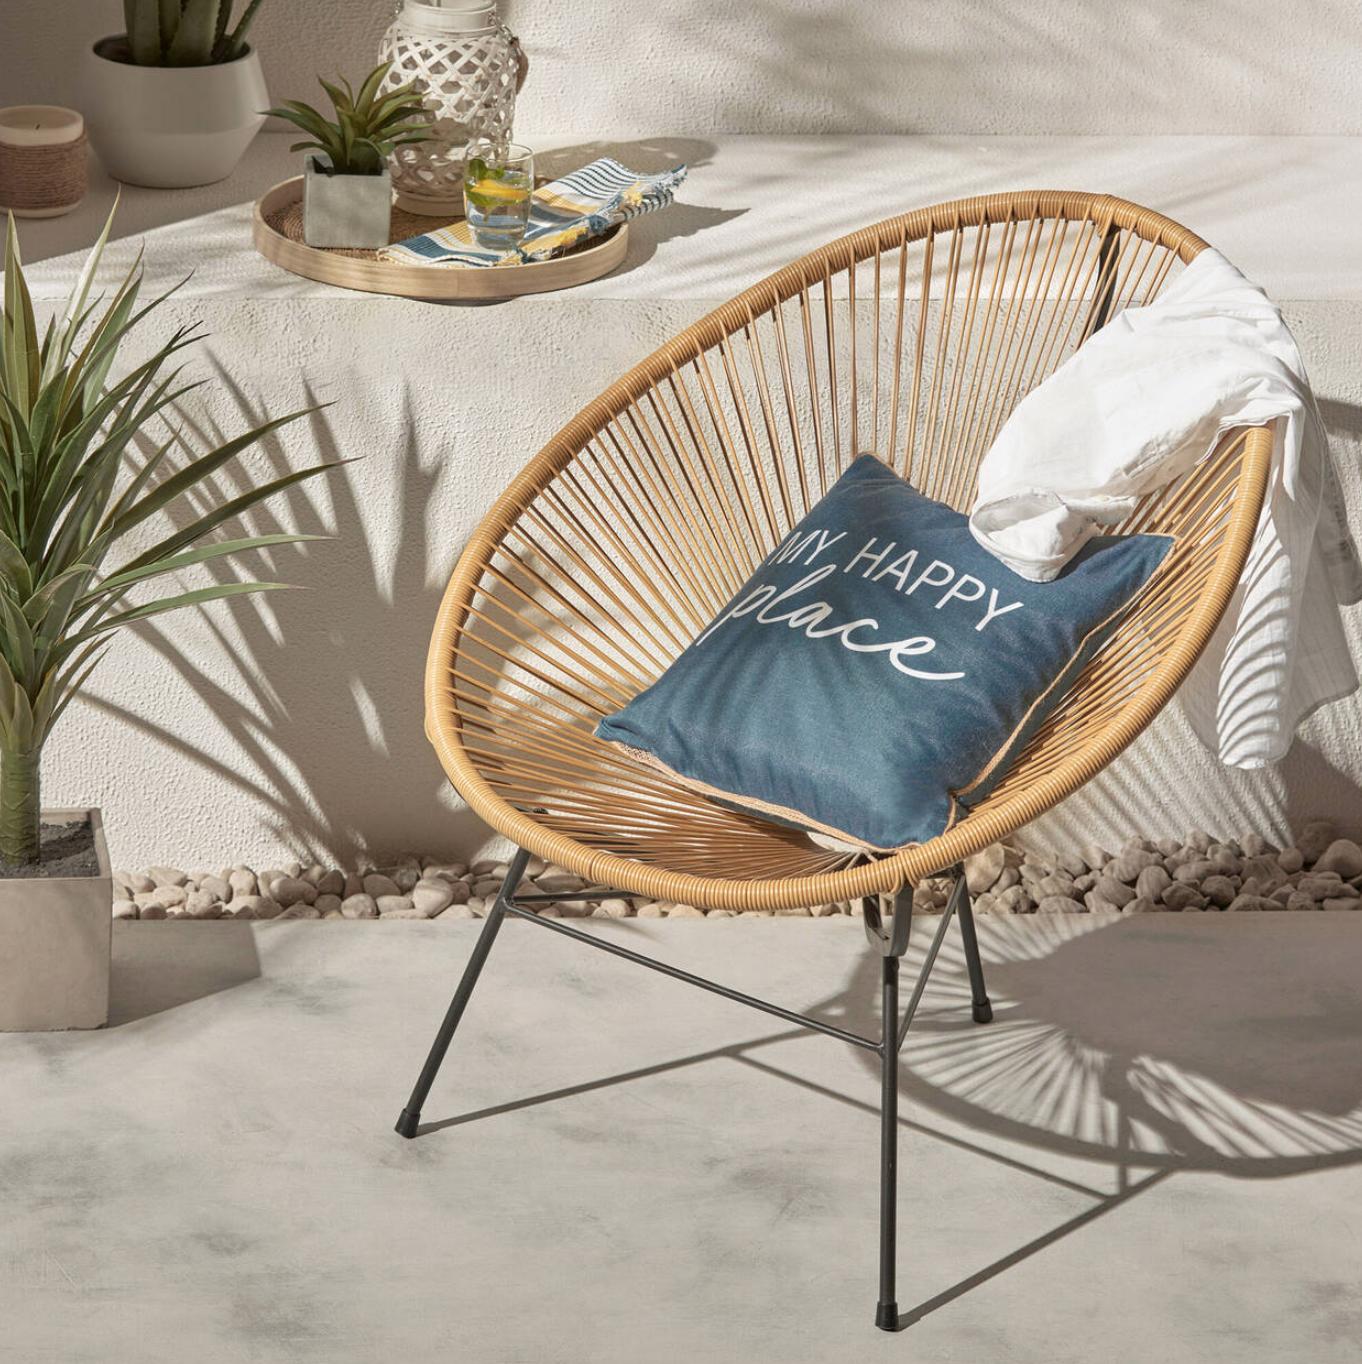 Chaise Exterieur   Chaise acapulco, Bouclair maison, Chaise exterieur